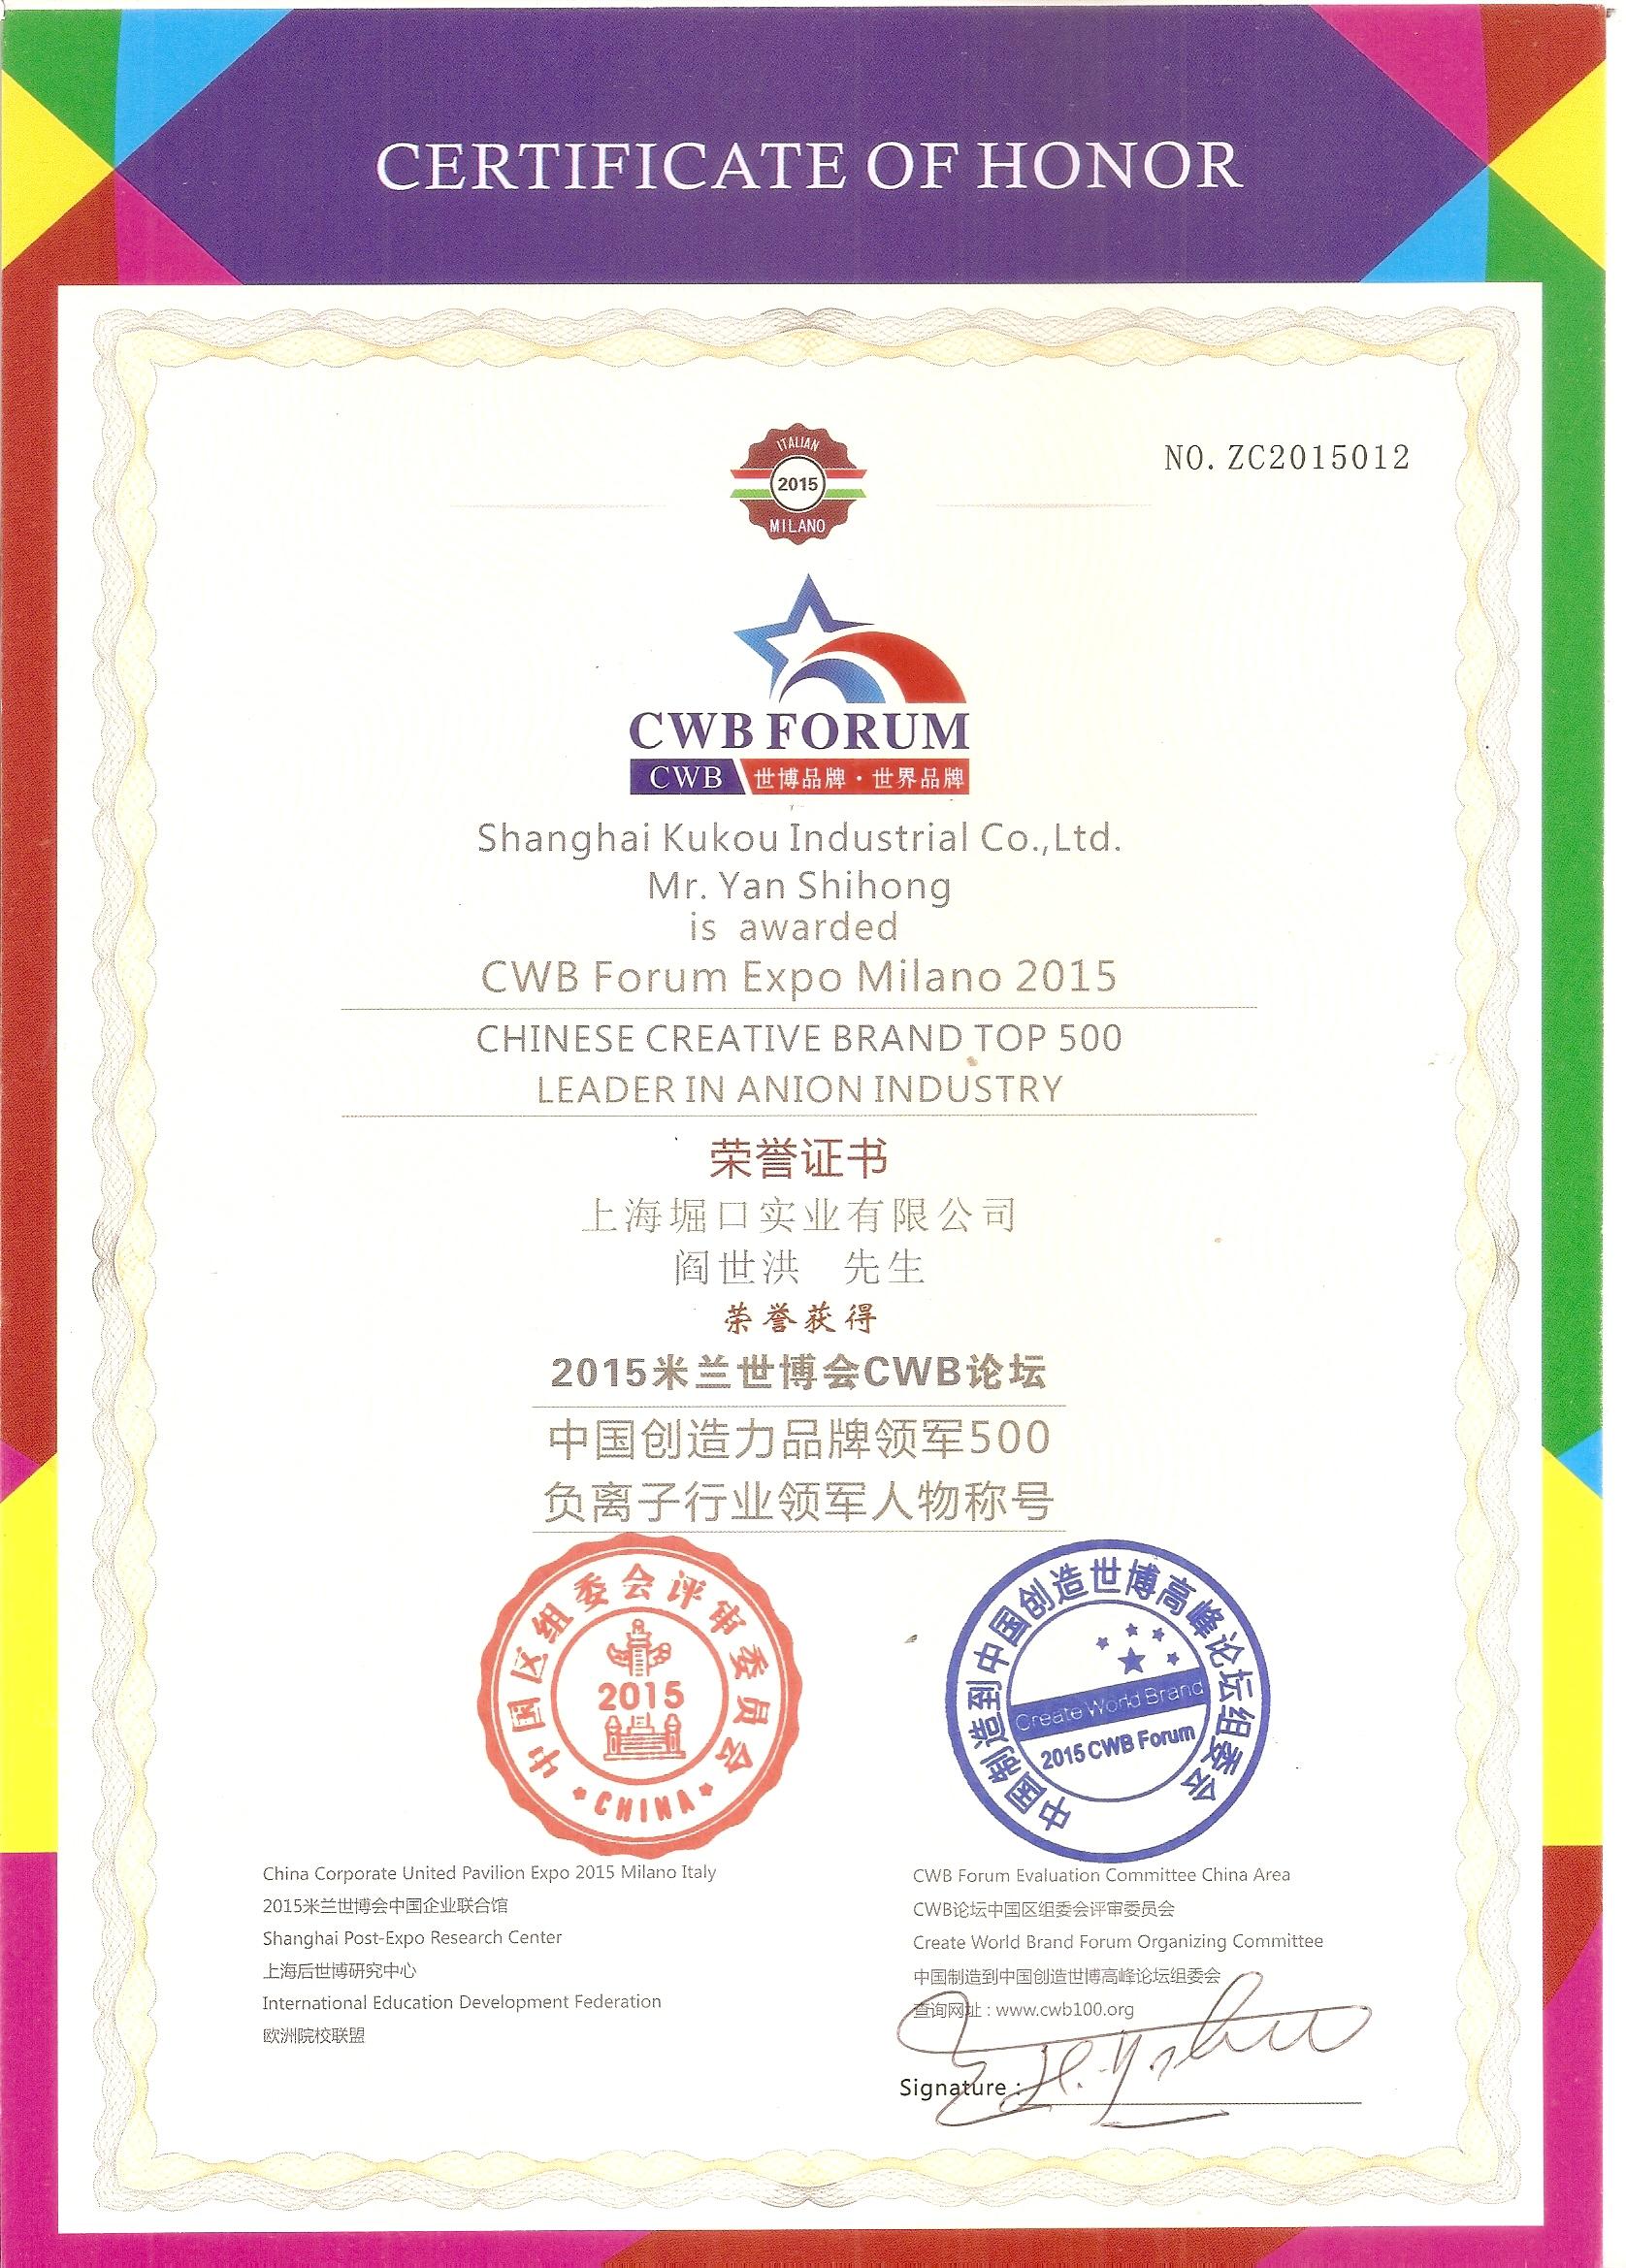 奖项:米兰世博会负离子行业领军奖